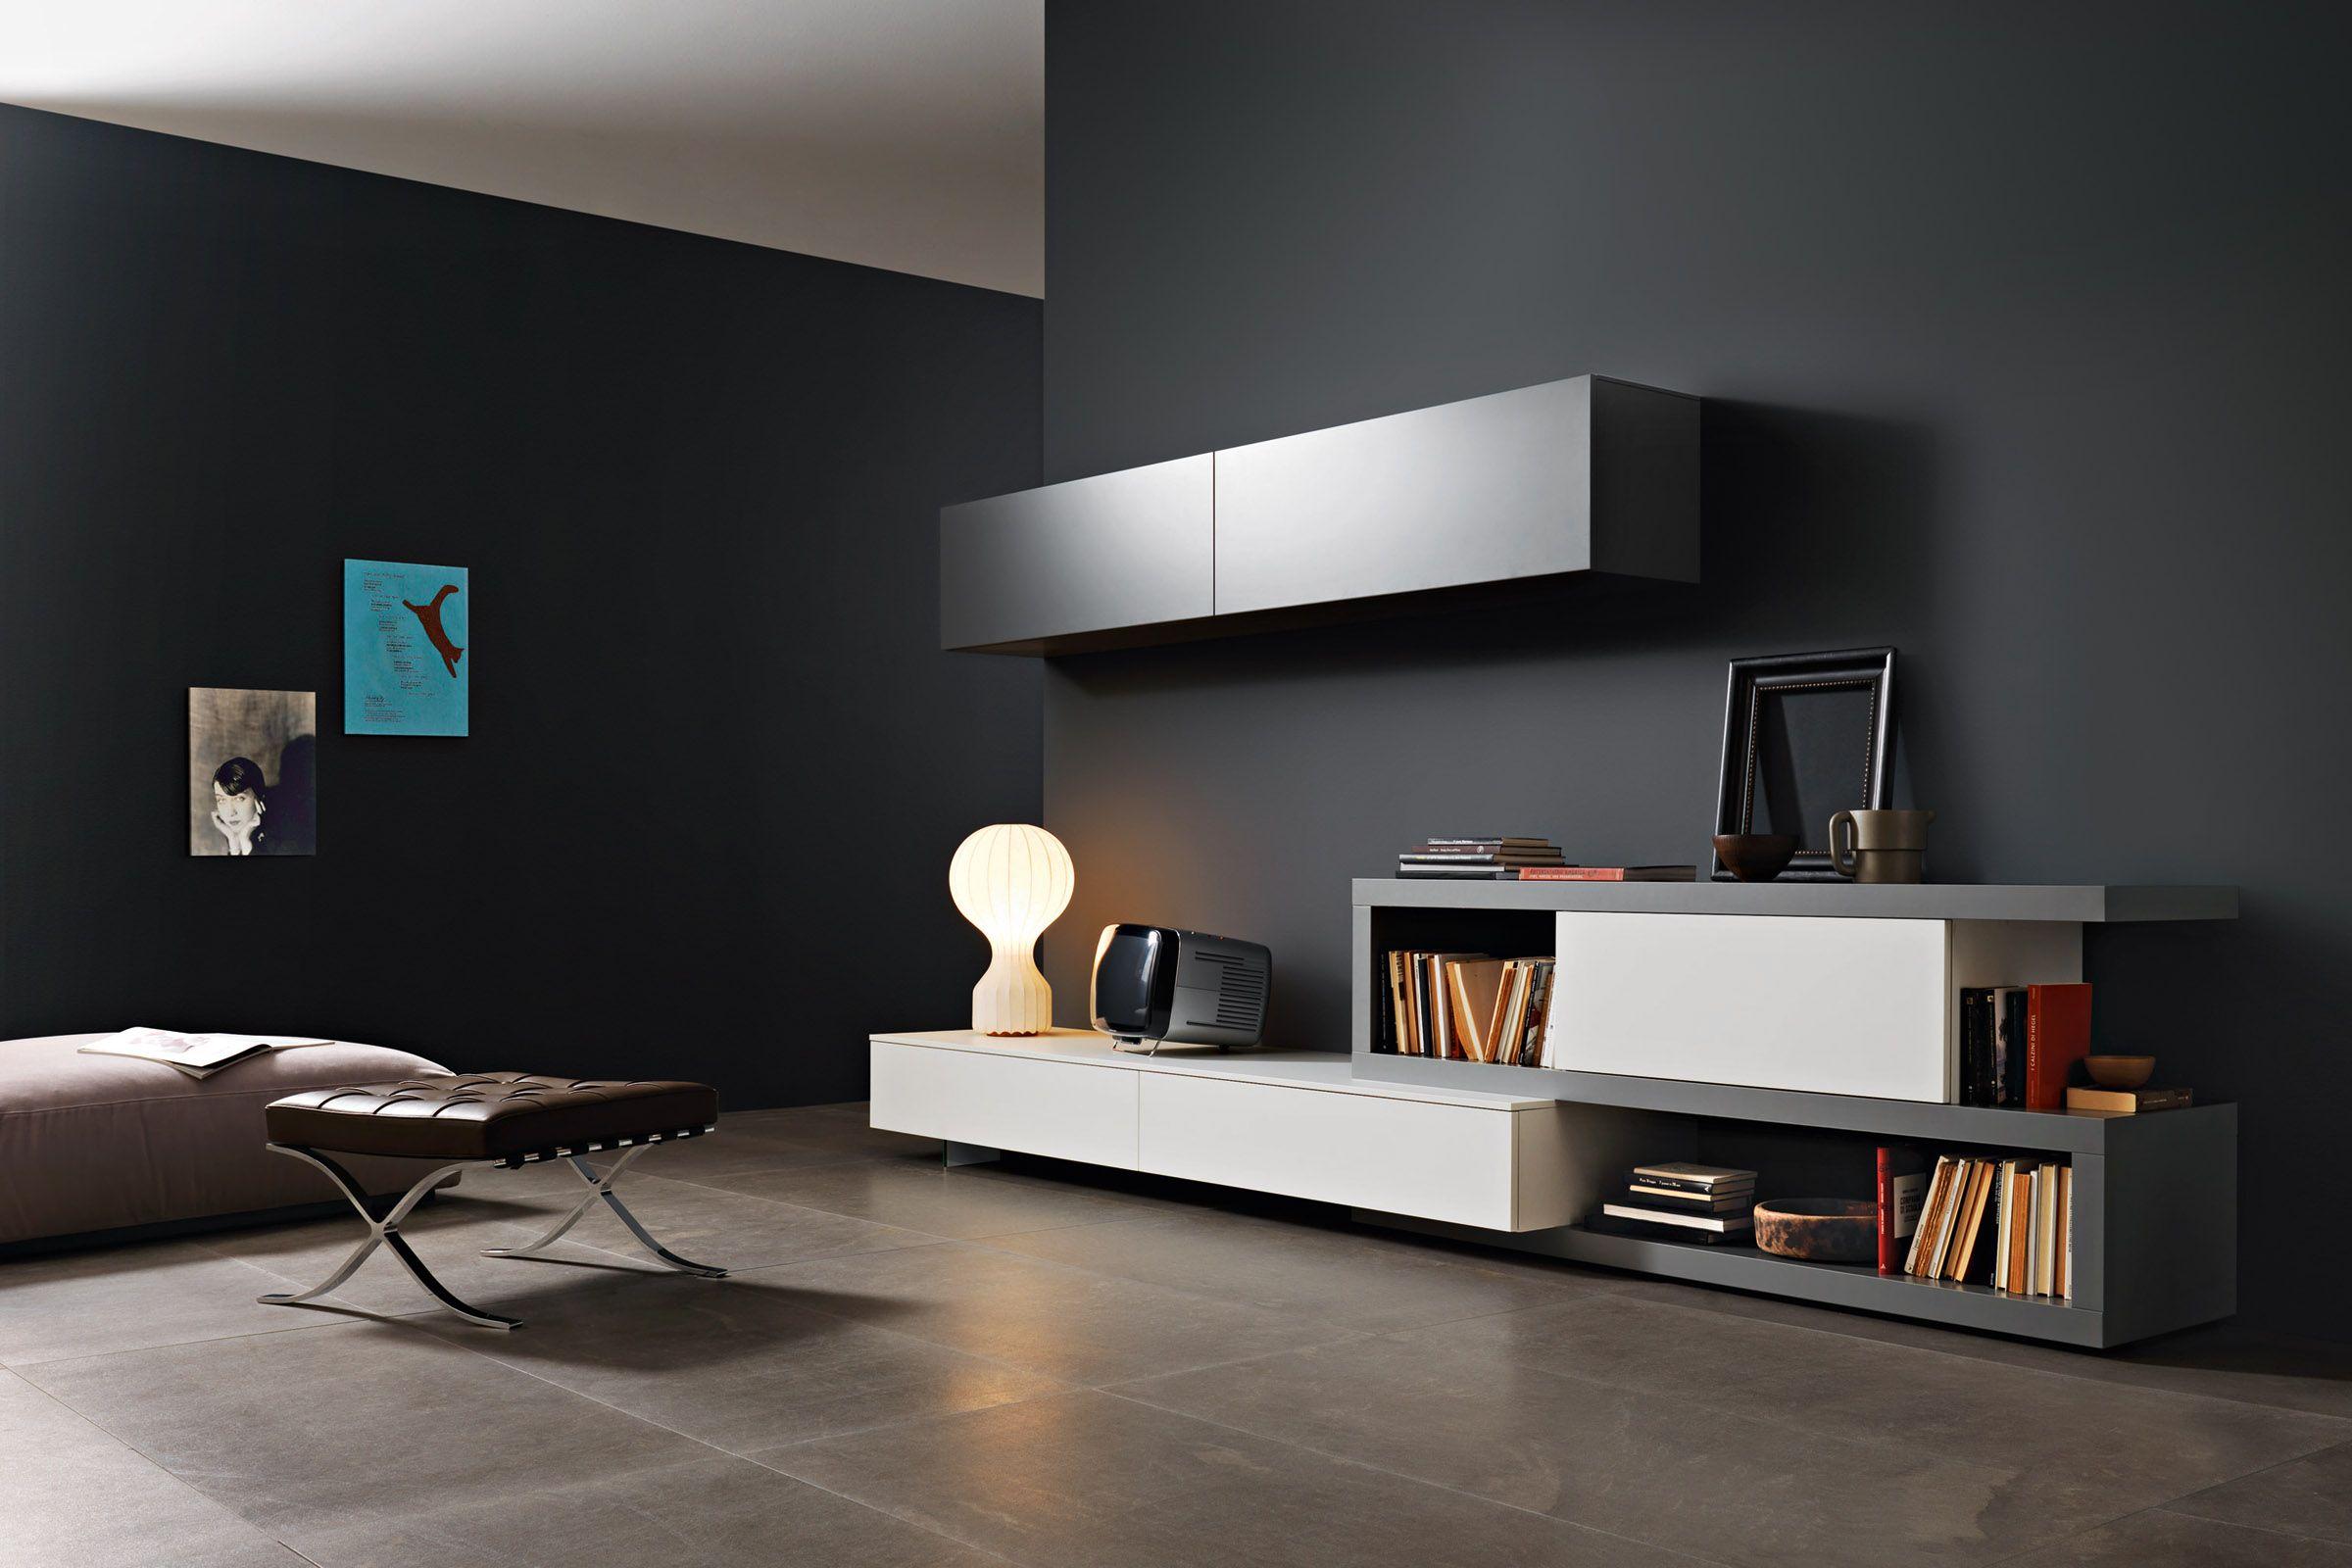 mobili per soggiorno moderno milano - Cerca con Google | доска ...